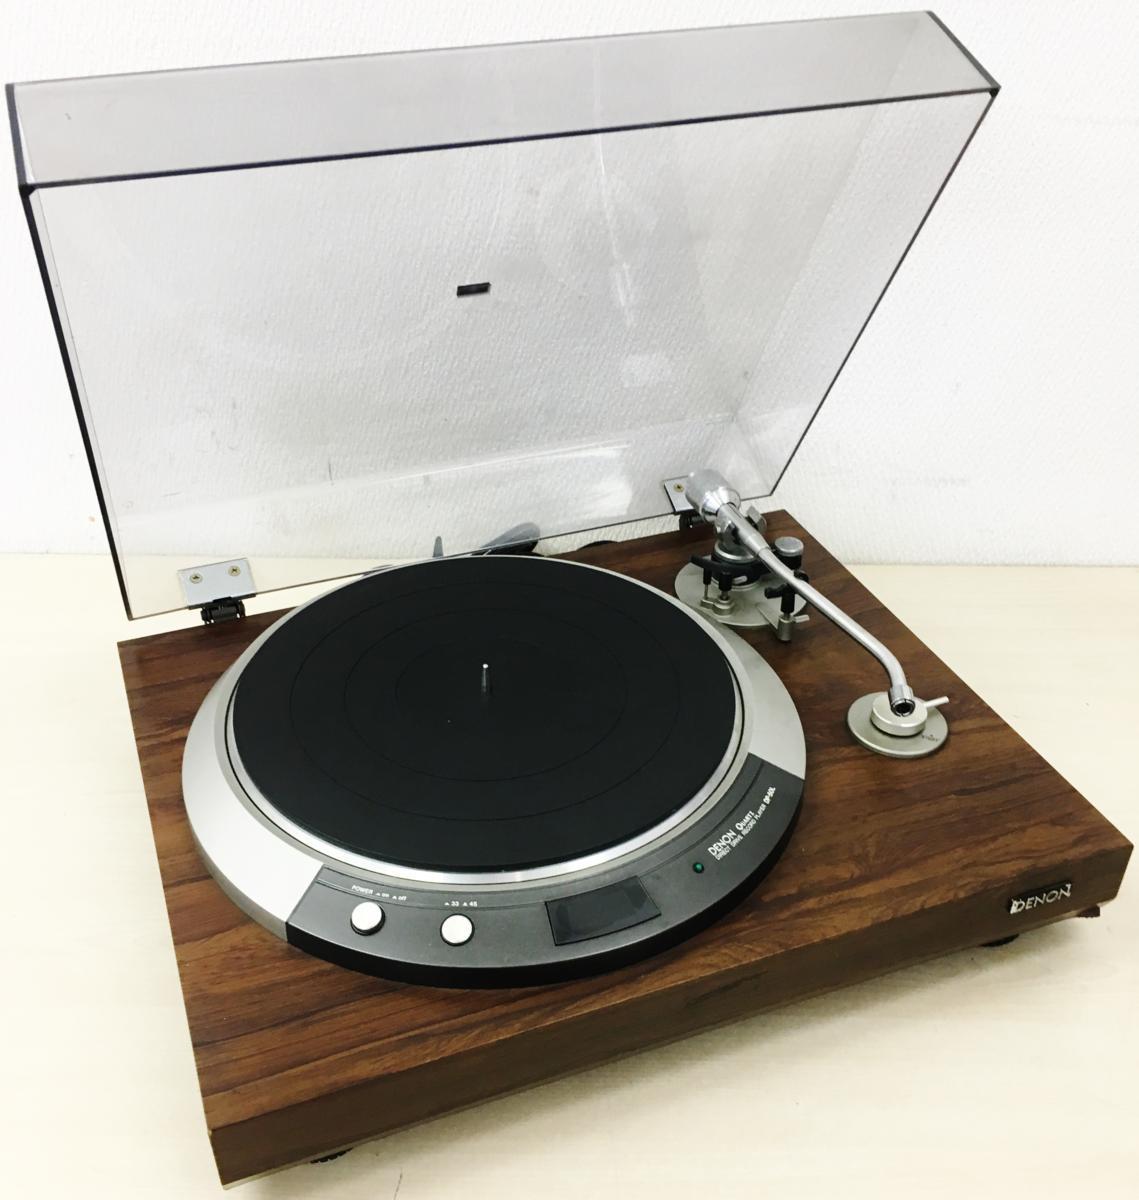 049 DENON デノン ターンテーブル レコードプレーヤー DP-50L